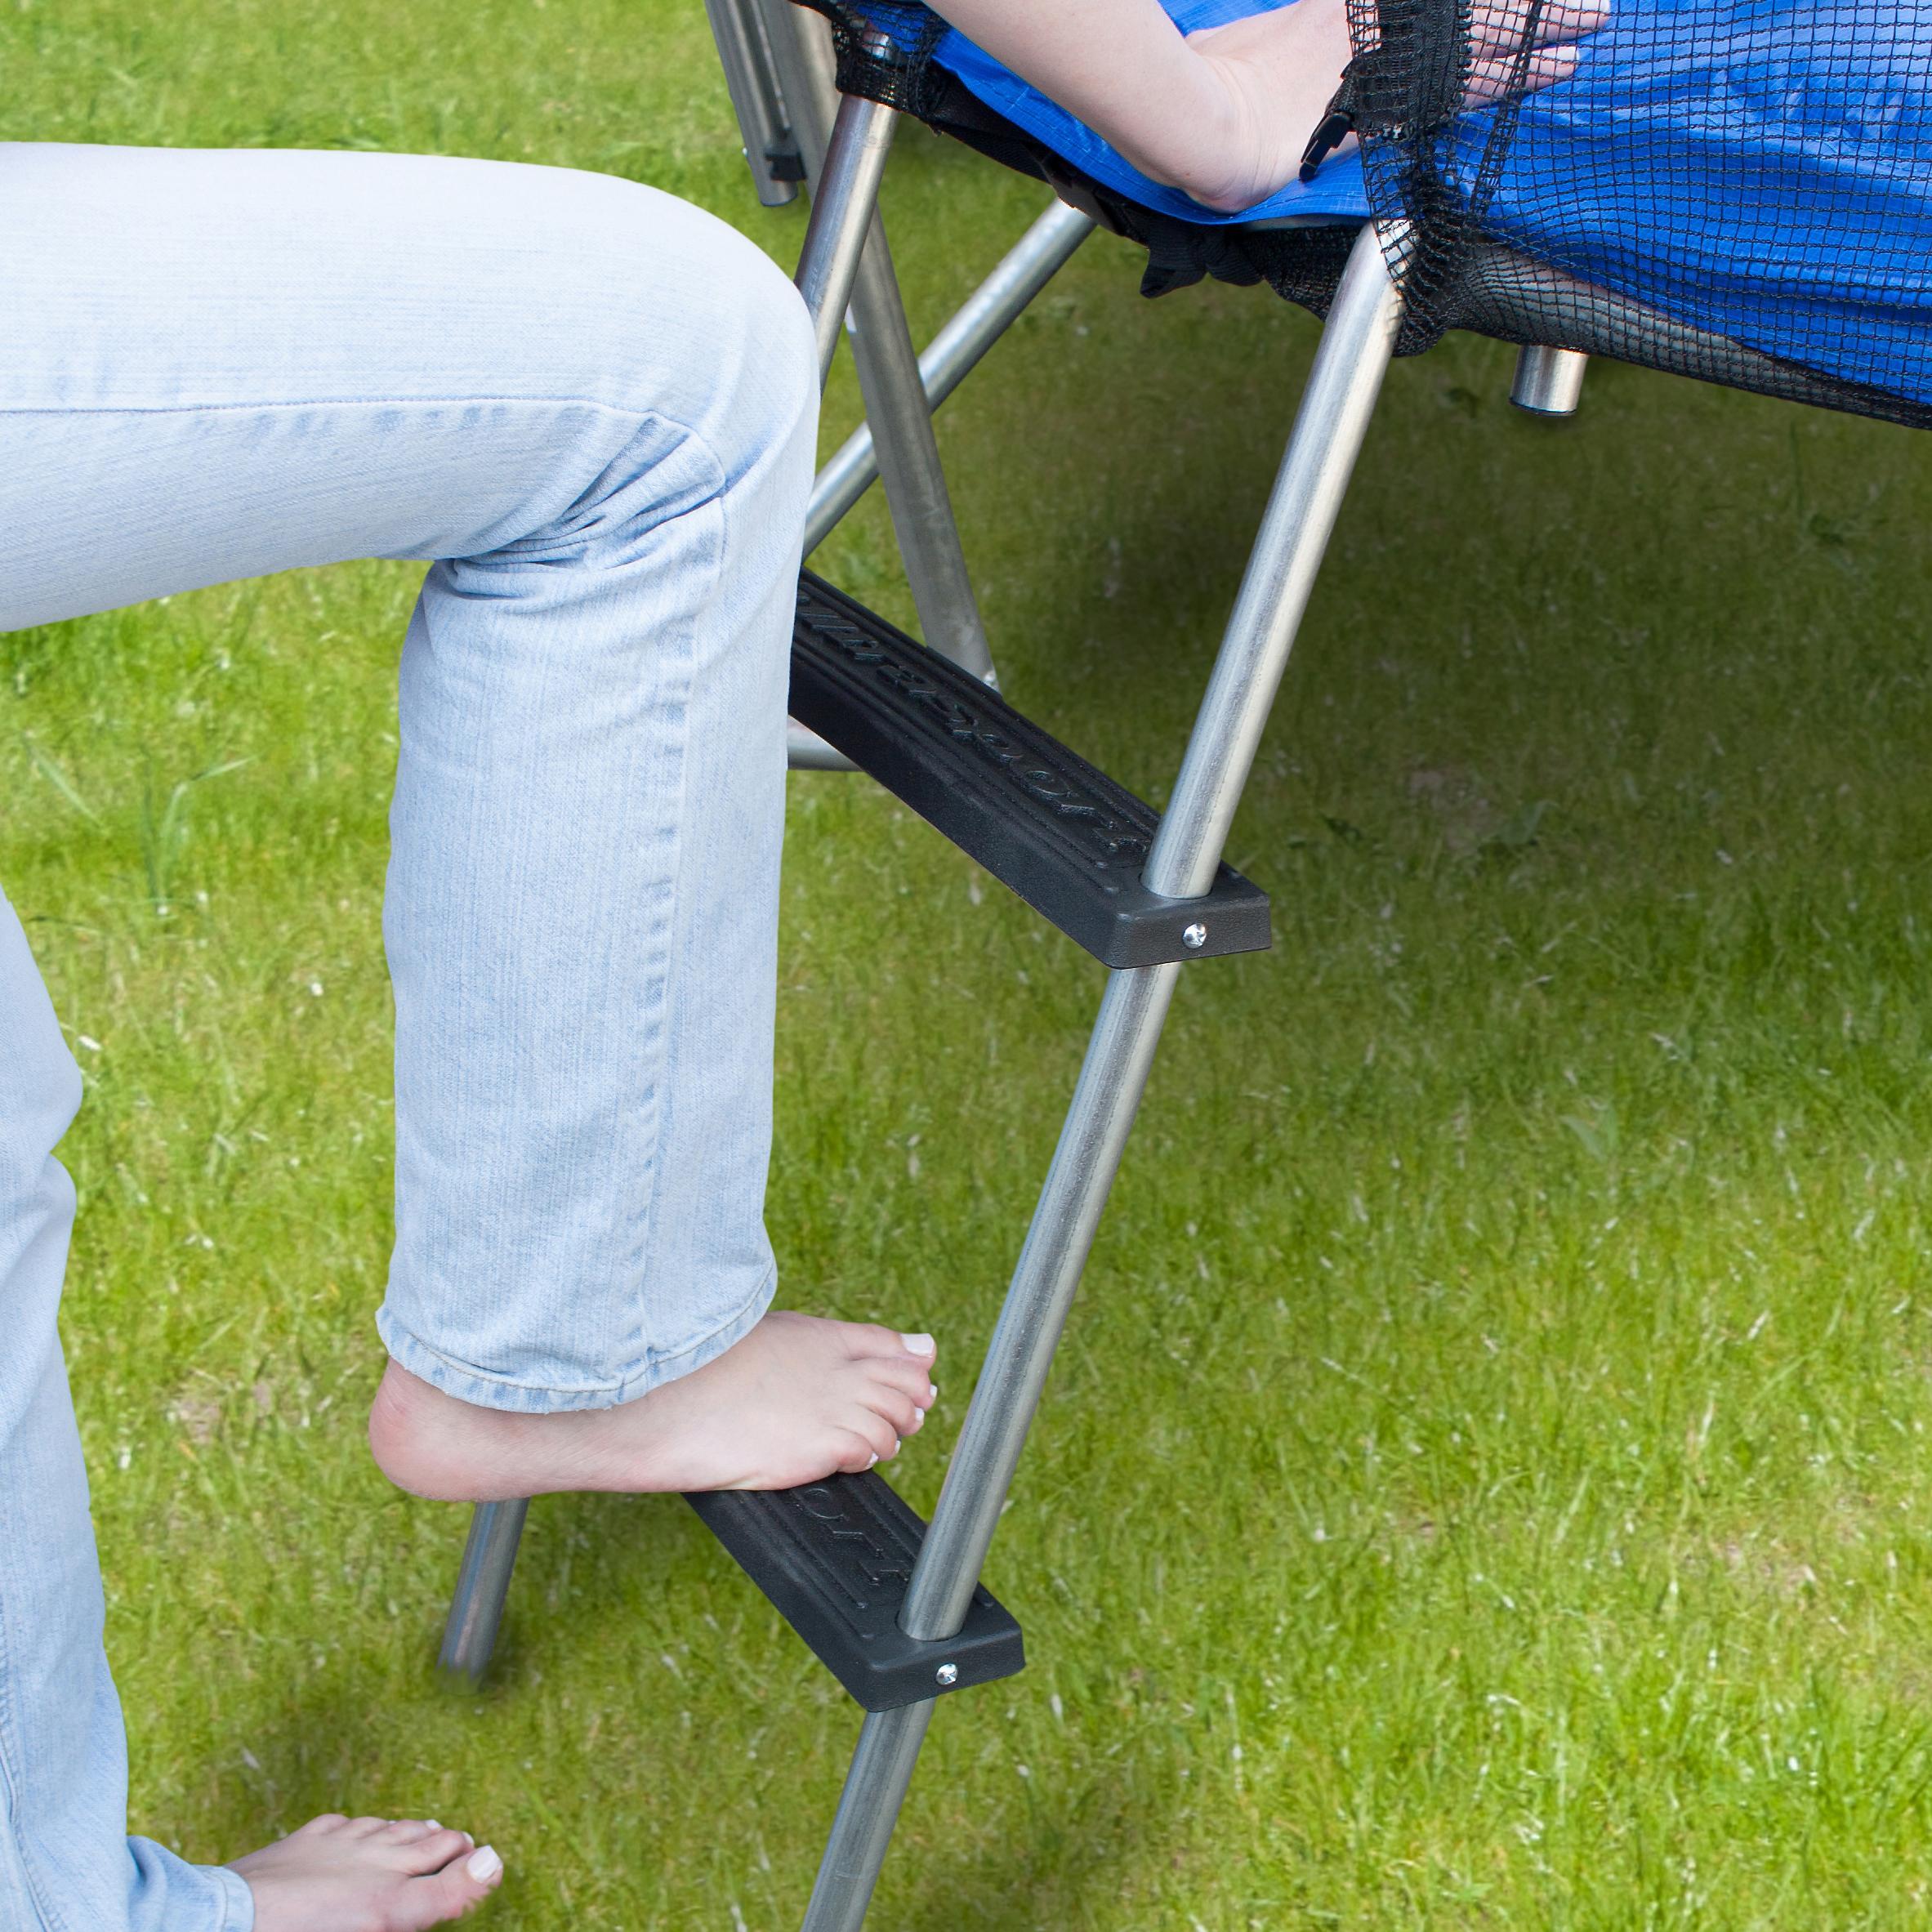 ultrasport trampoline ladder with plastic steps sports outdoors. Black Bedroom Furniture Sets. Home Design Ideas